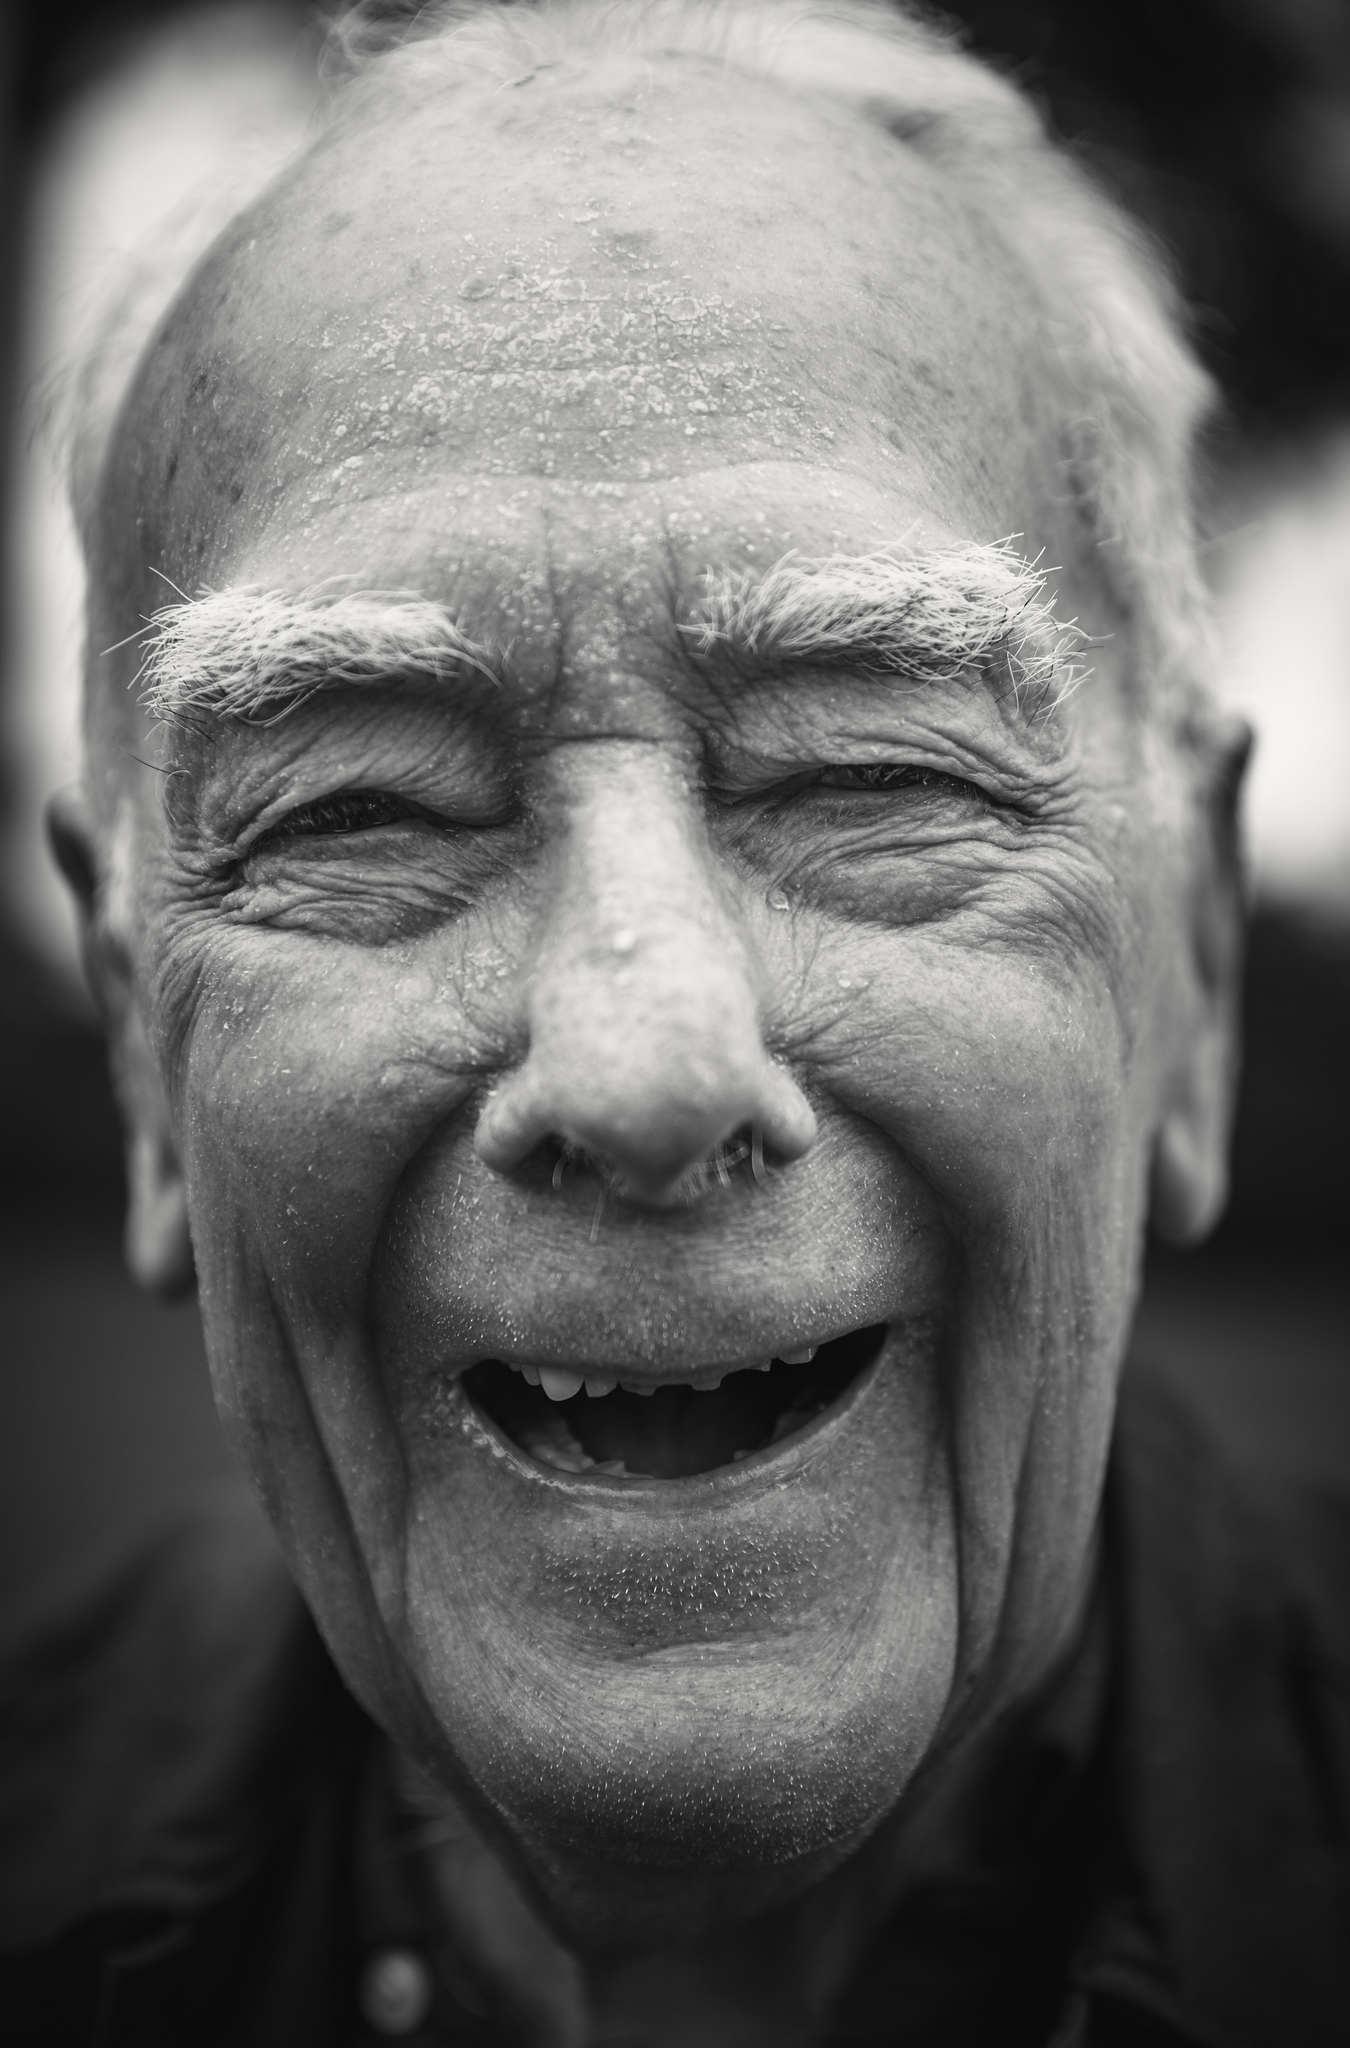 D-DAY VETERANS, FRANCE - JUNE 5: Harold Himmelsbach (94 yrs old), 9th USAAF, 123rd Quartermaster Tru